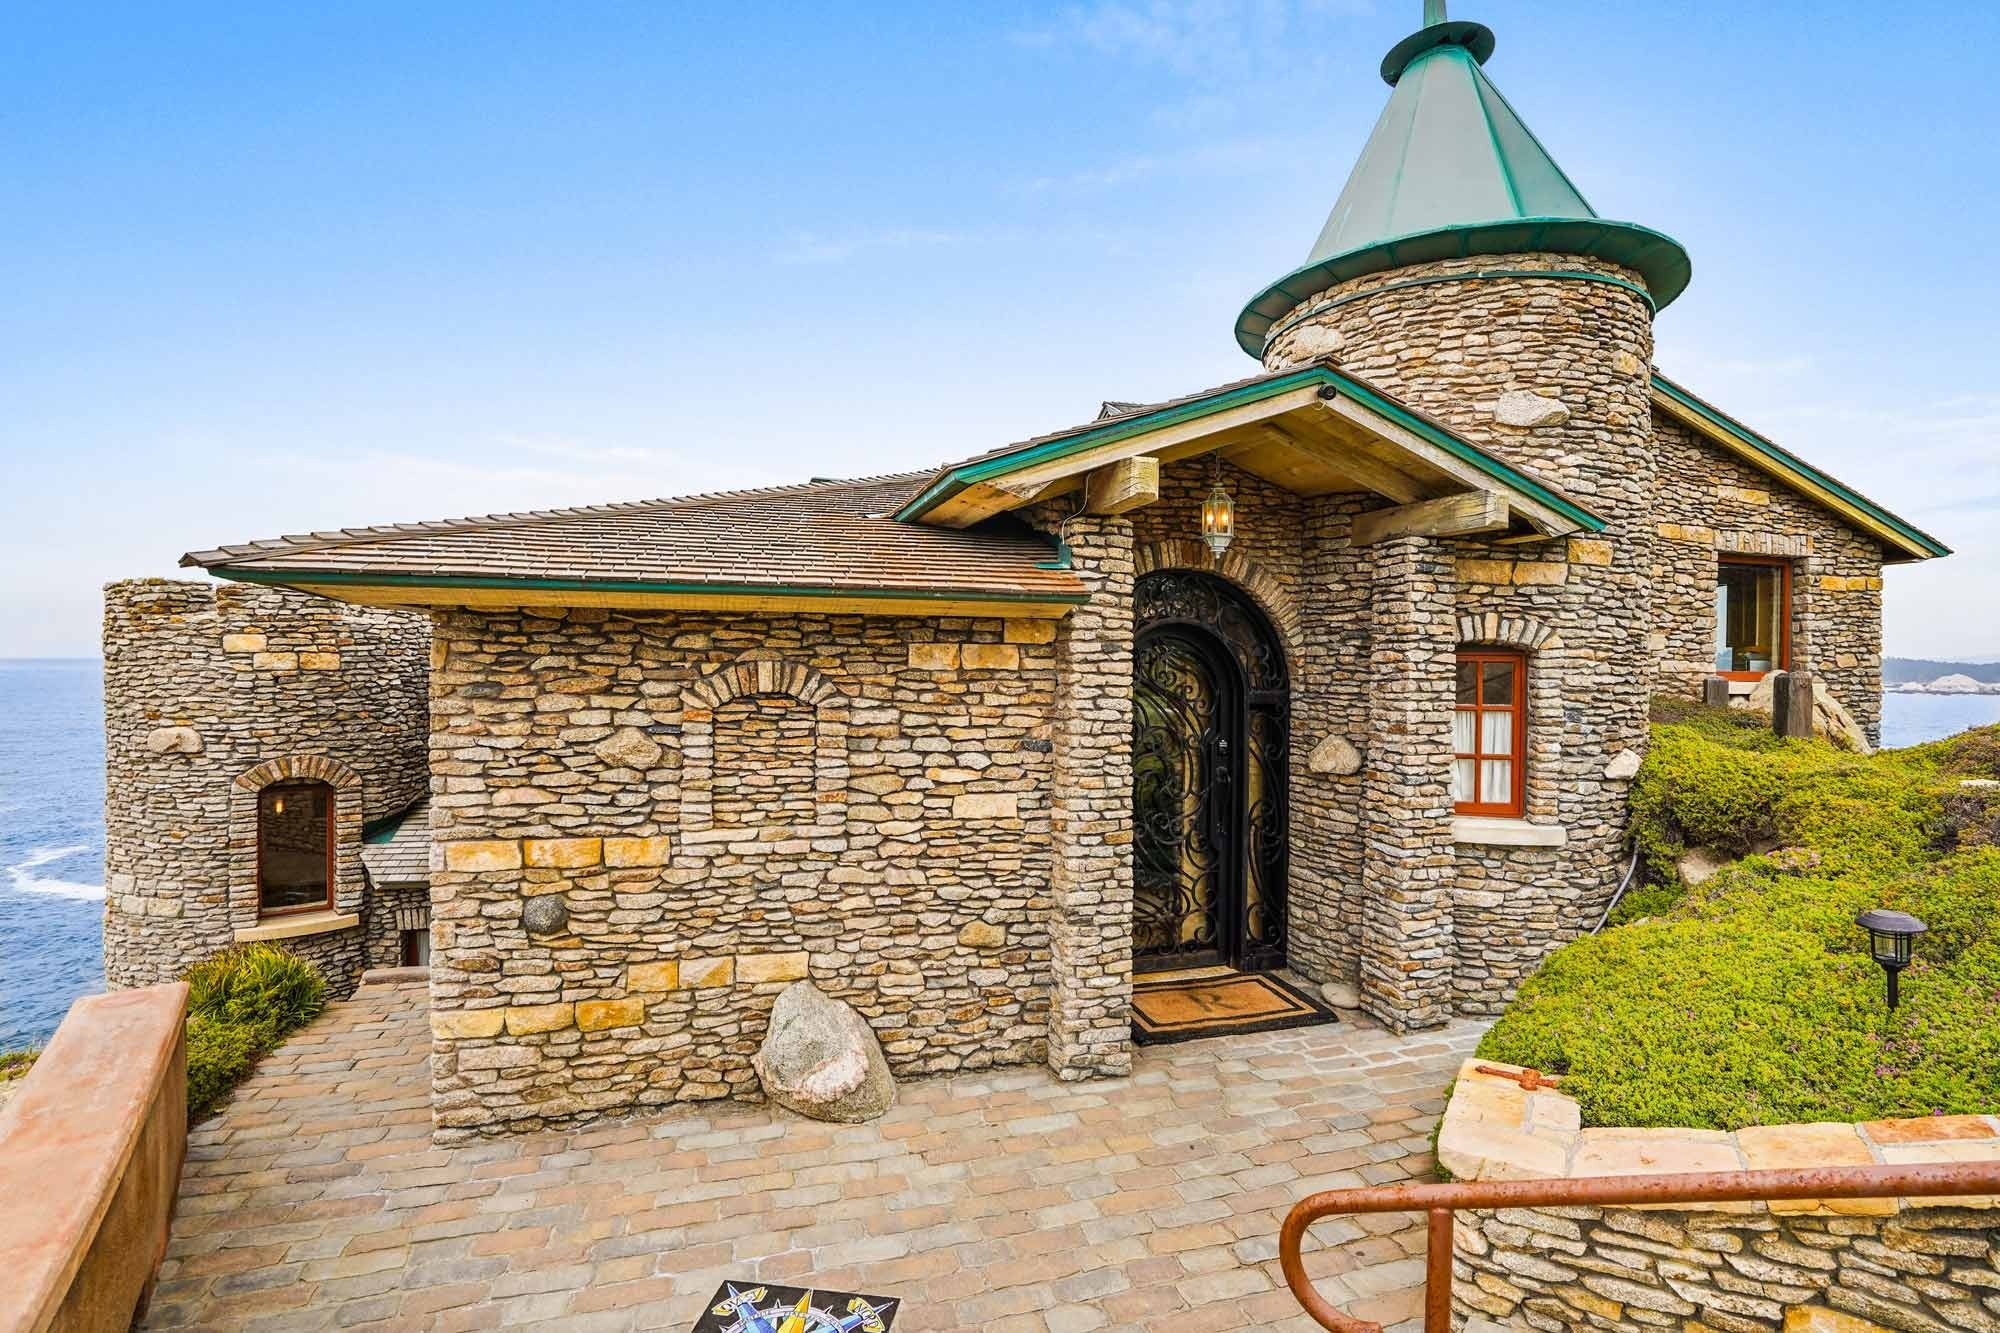 Eingang und Burgturm Klippenhaus in der Stadt Carmel in Kalifornien